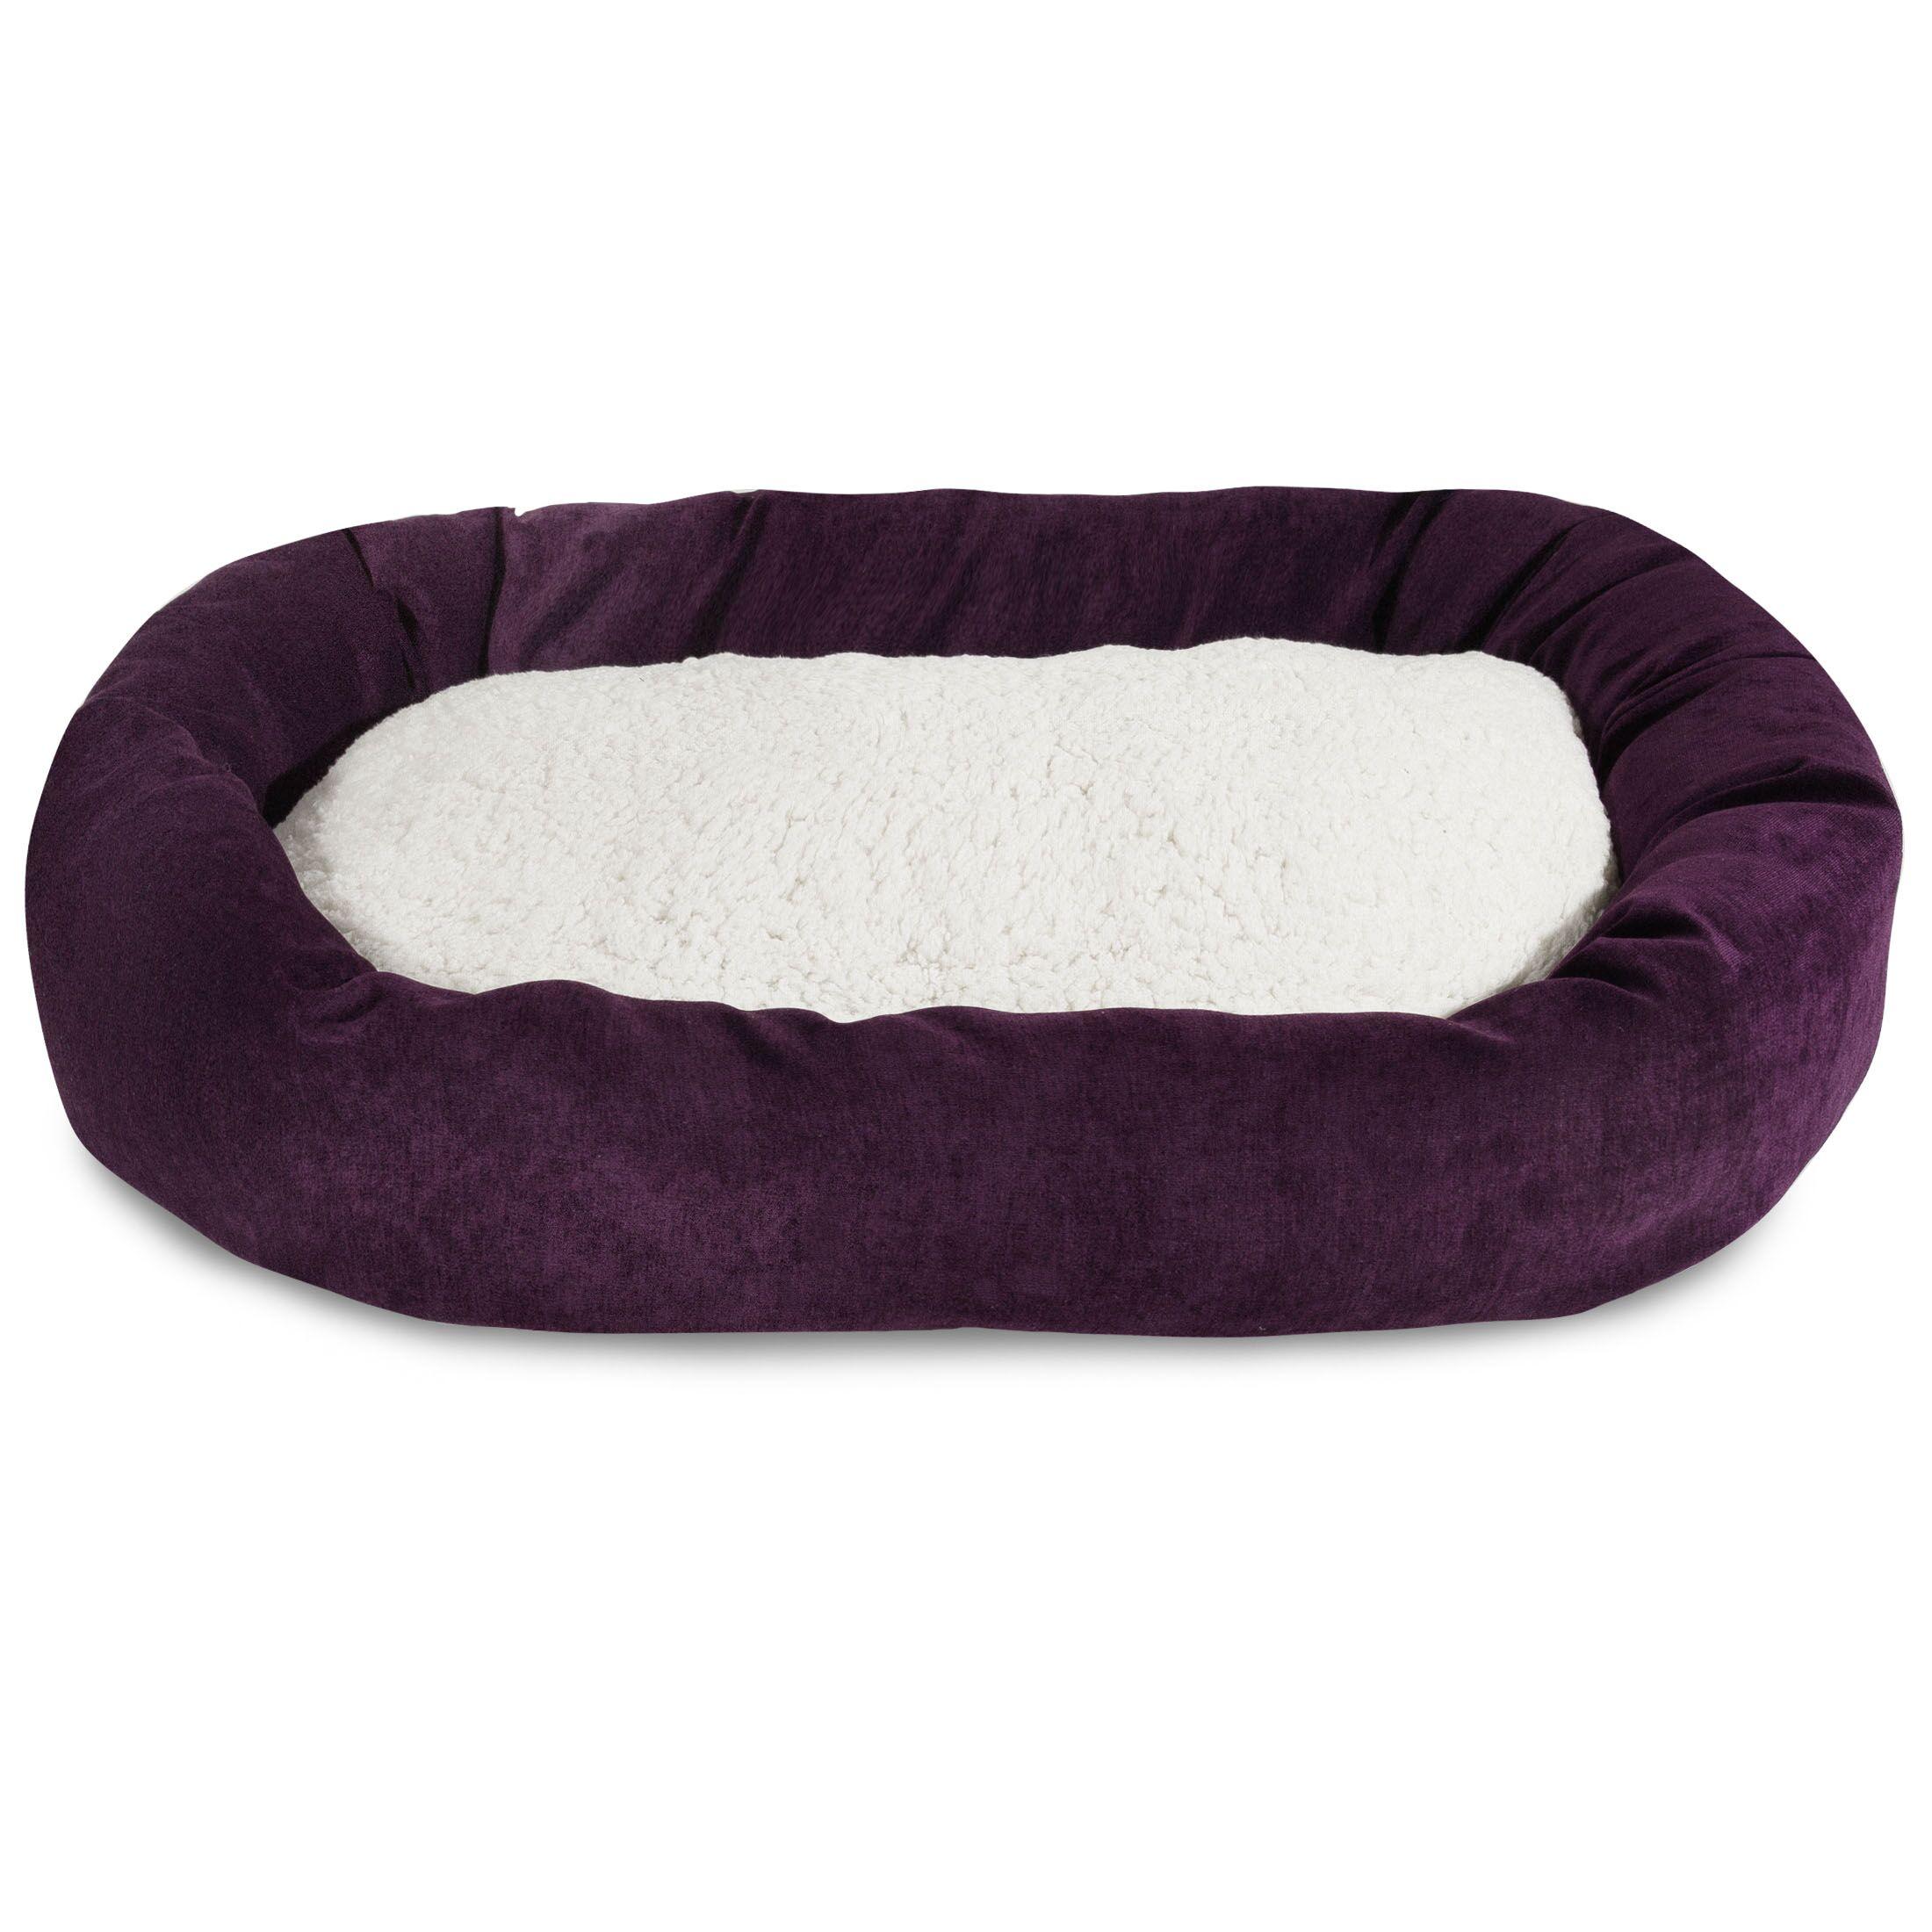 Villa Sherpa Bagel Bed Size: Medium (32